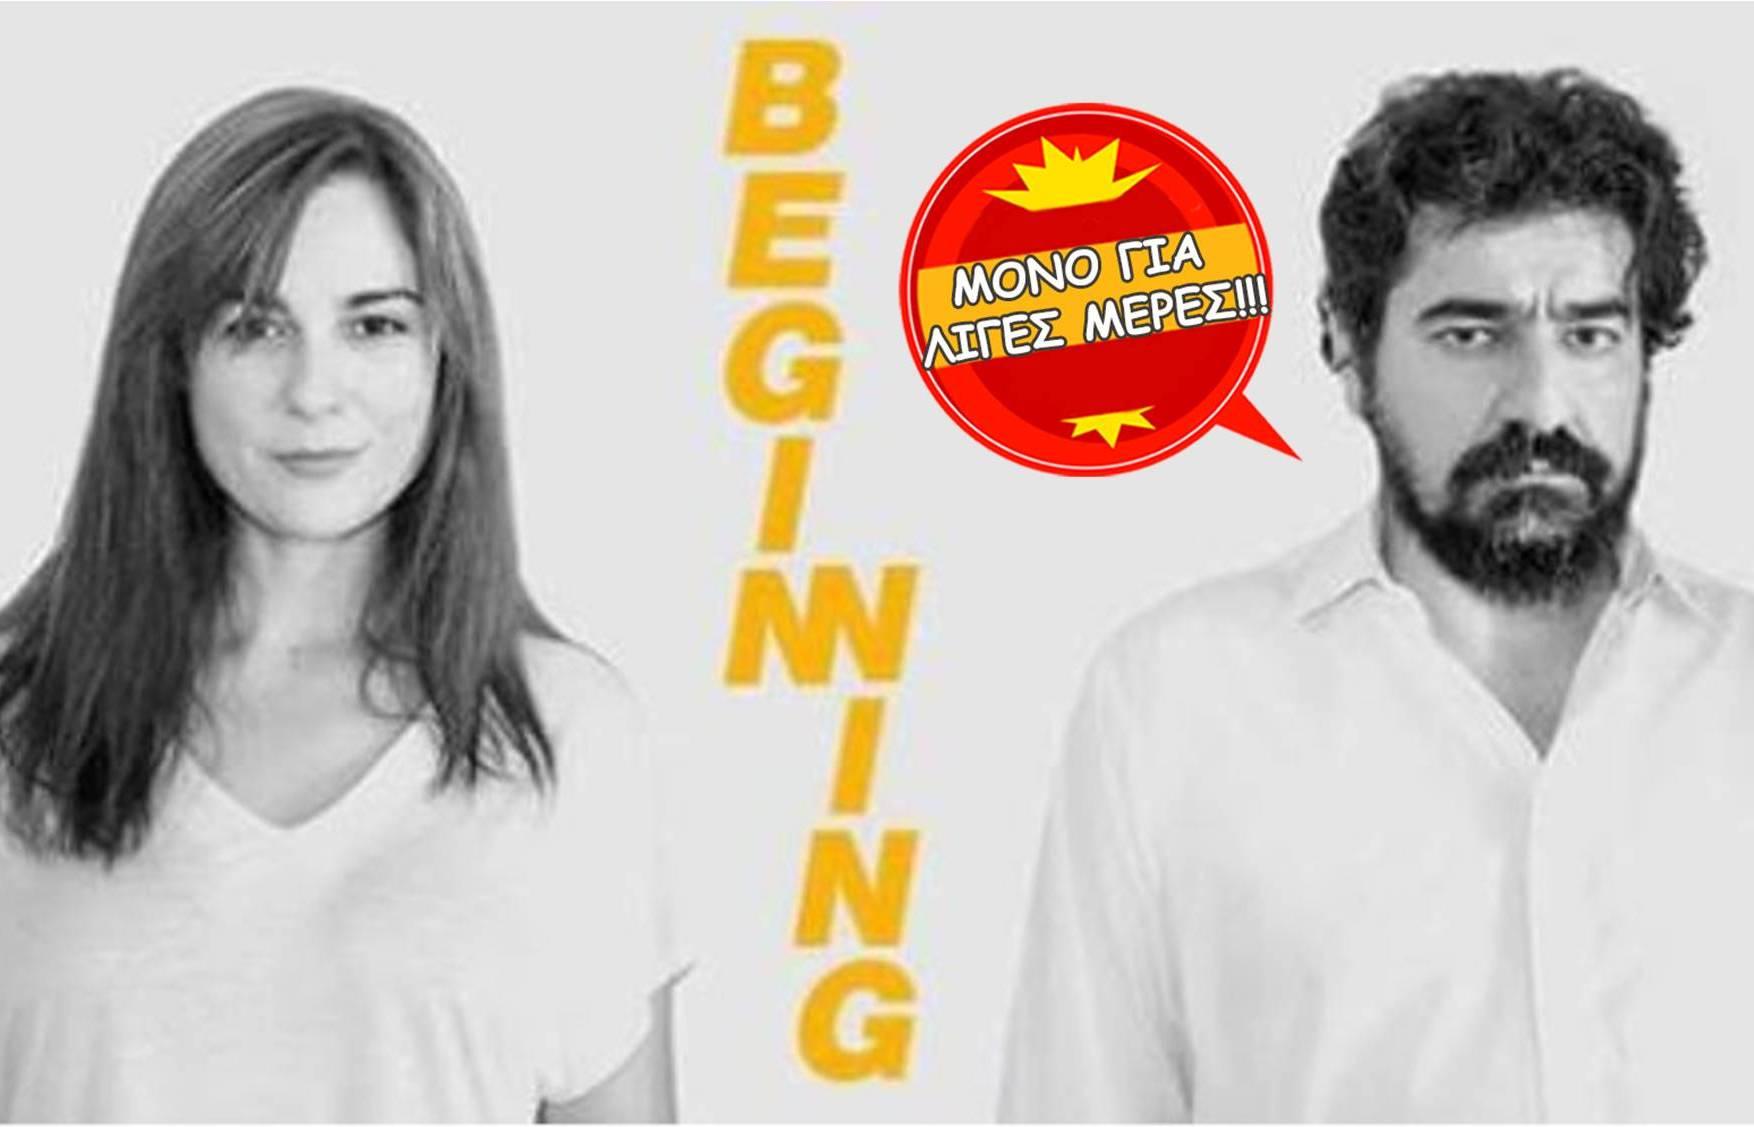 8€ από 14€ για είσοδο στην πολυβραβευμένη παράσταση ''Beginning'' με τους Θάλεια Ματίκα και Γιάννη Δρακόπουλο, σε σκηνοθεσία Τάσου Ιορδανίδη, στο θέατρο 104 εικόνα